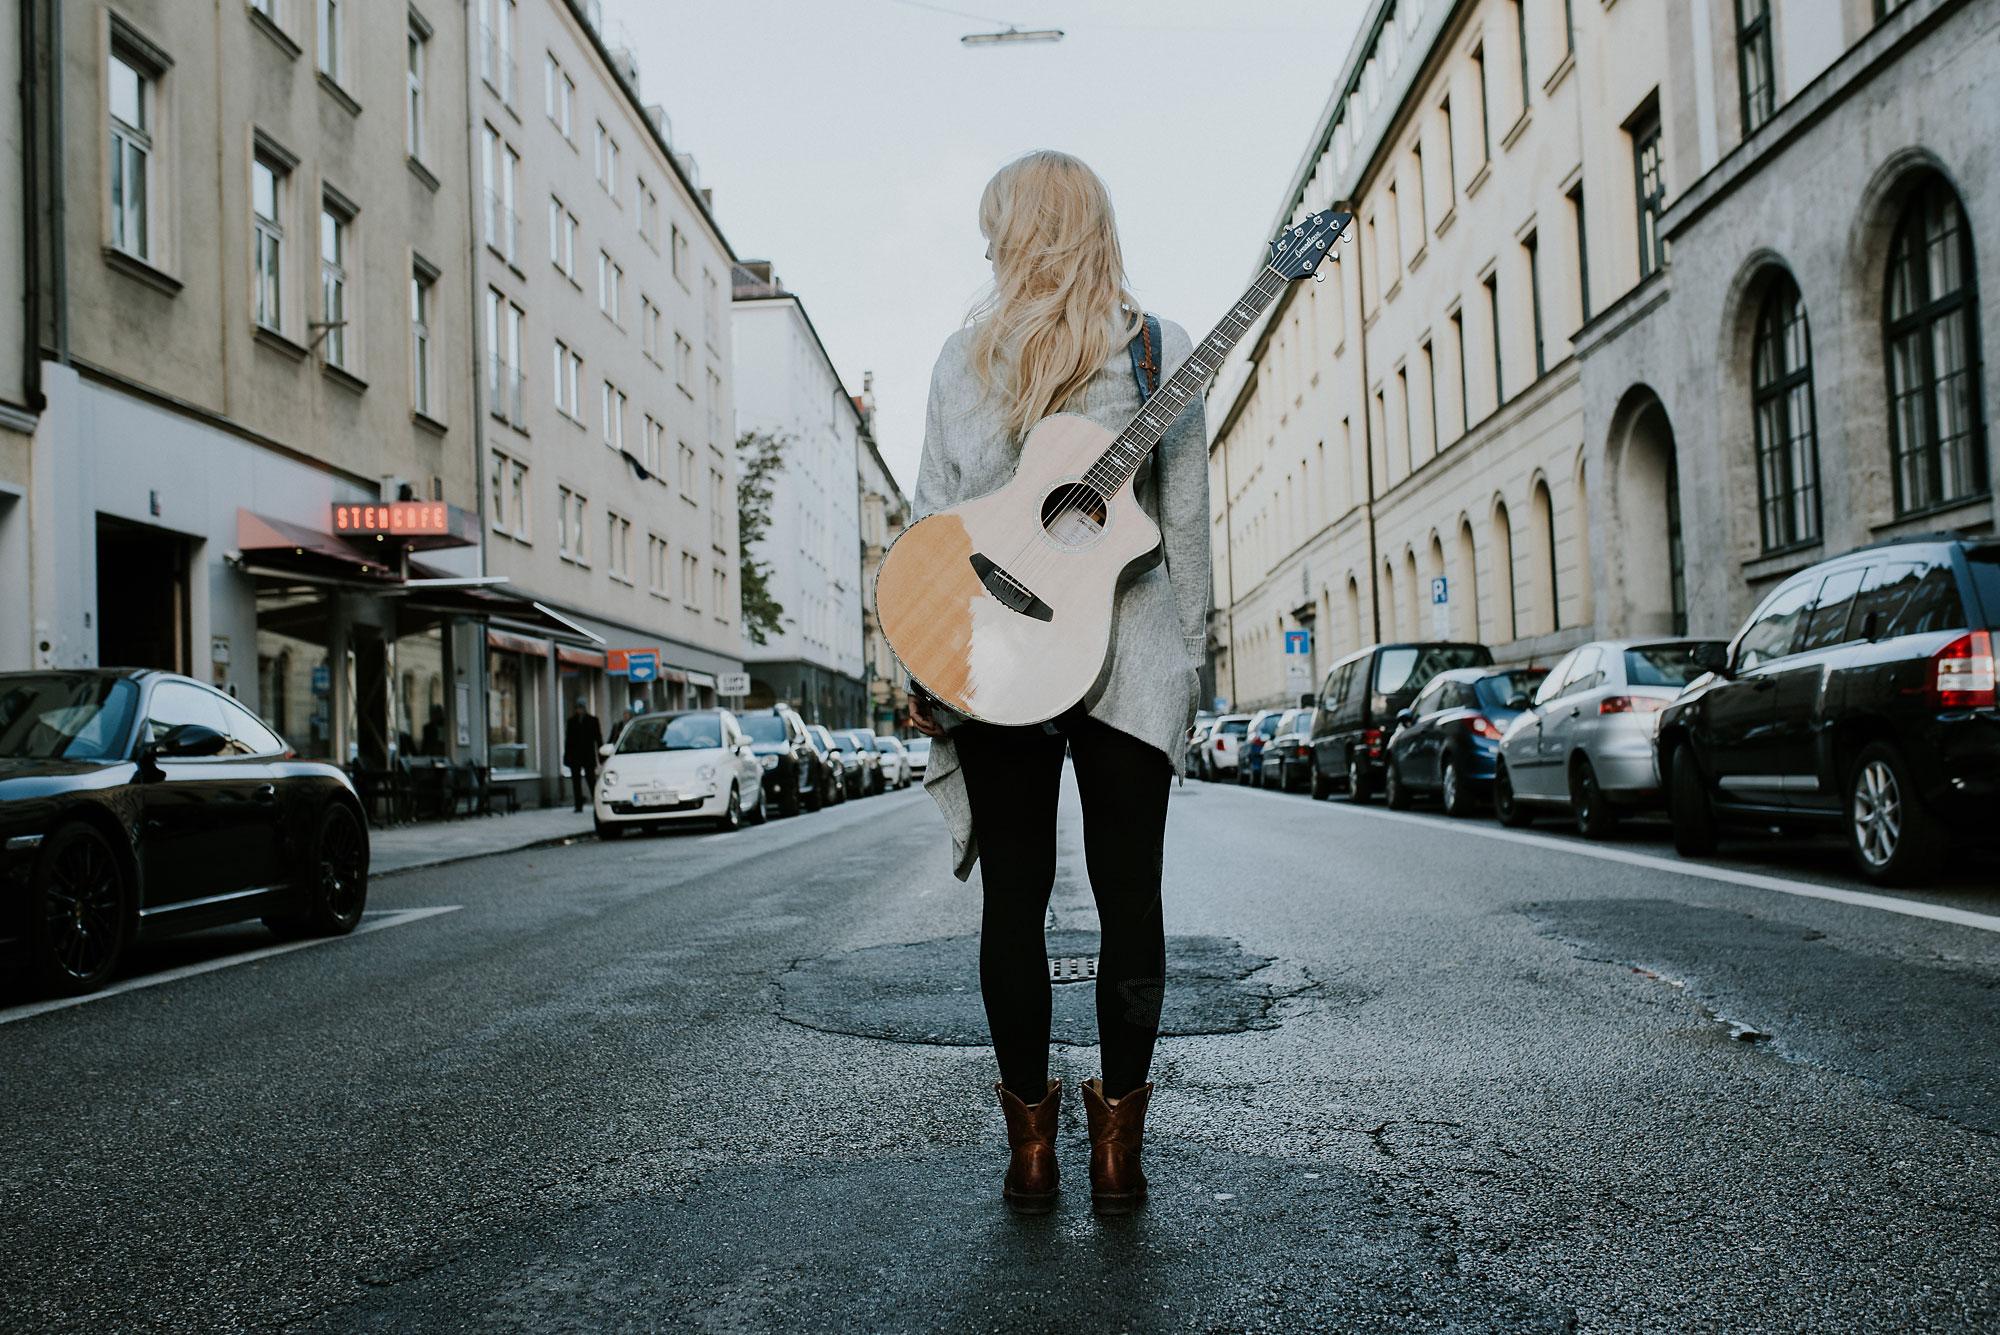 ama-pola-singer-songwriter-muenchen